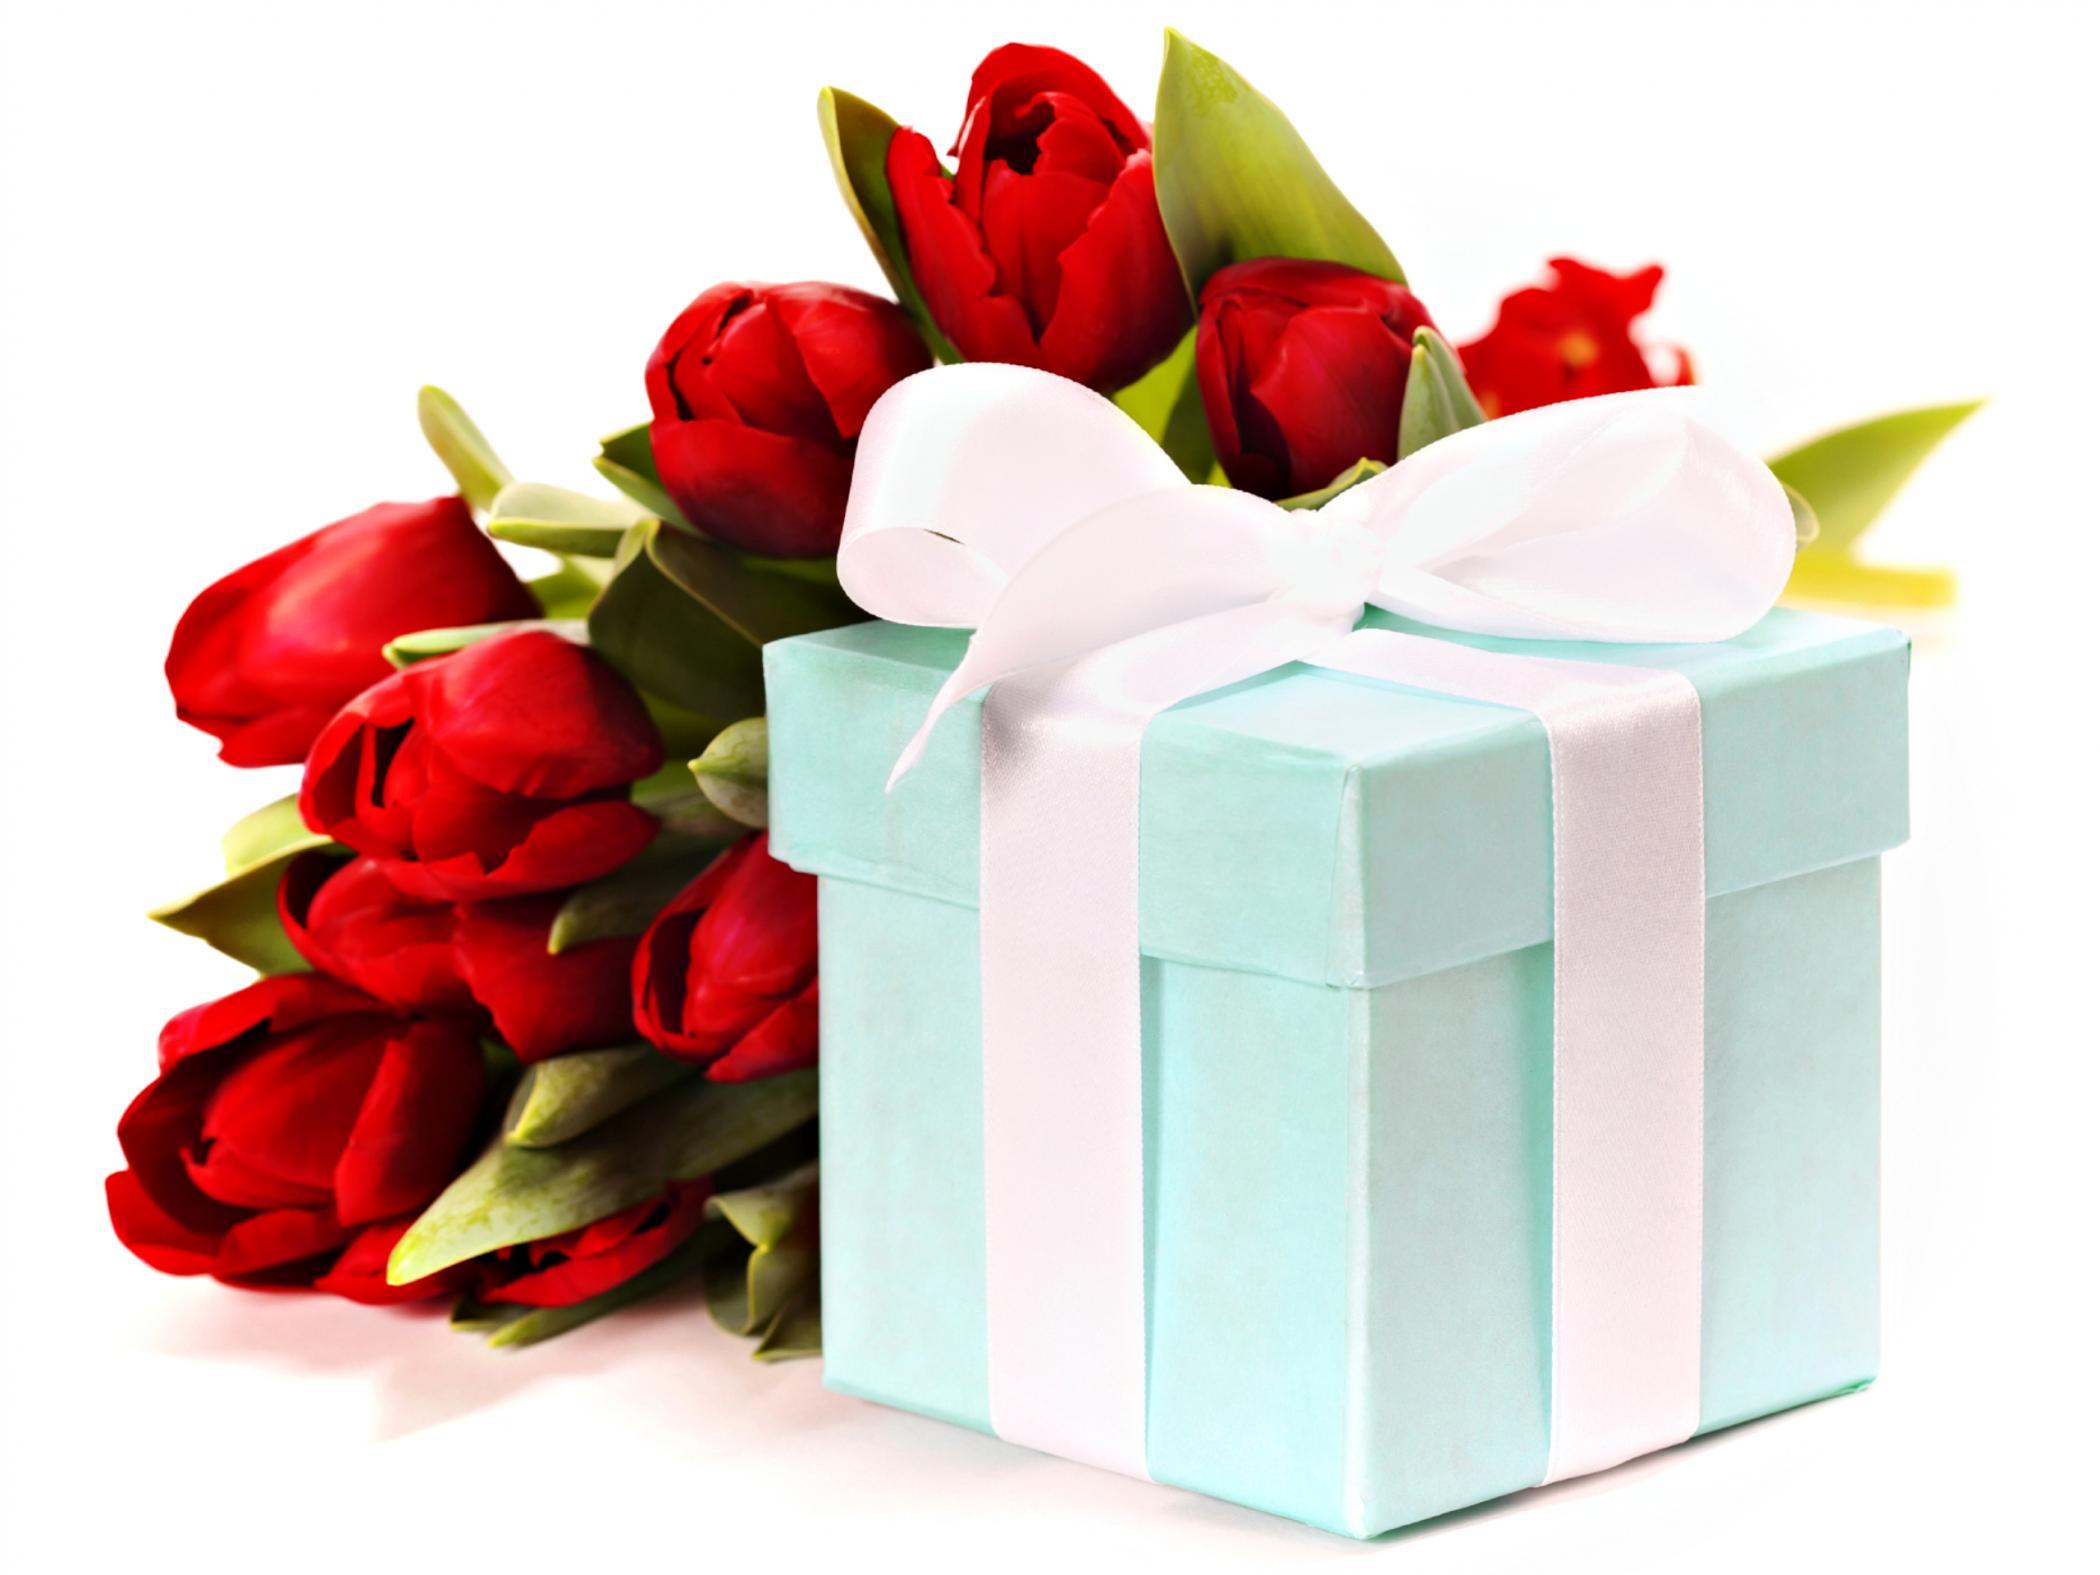 Открытки с подарками с днем рождения, картинка